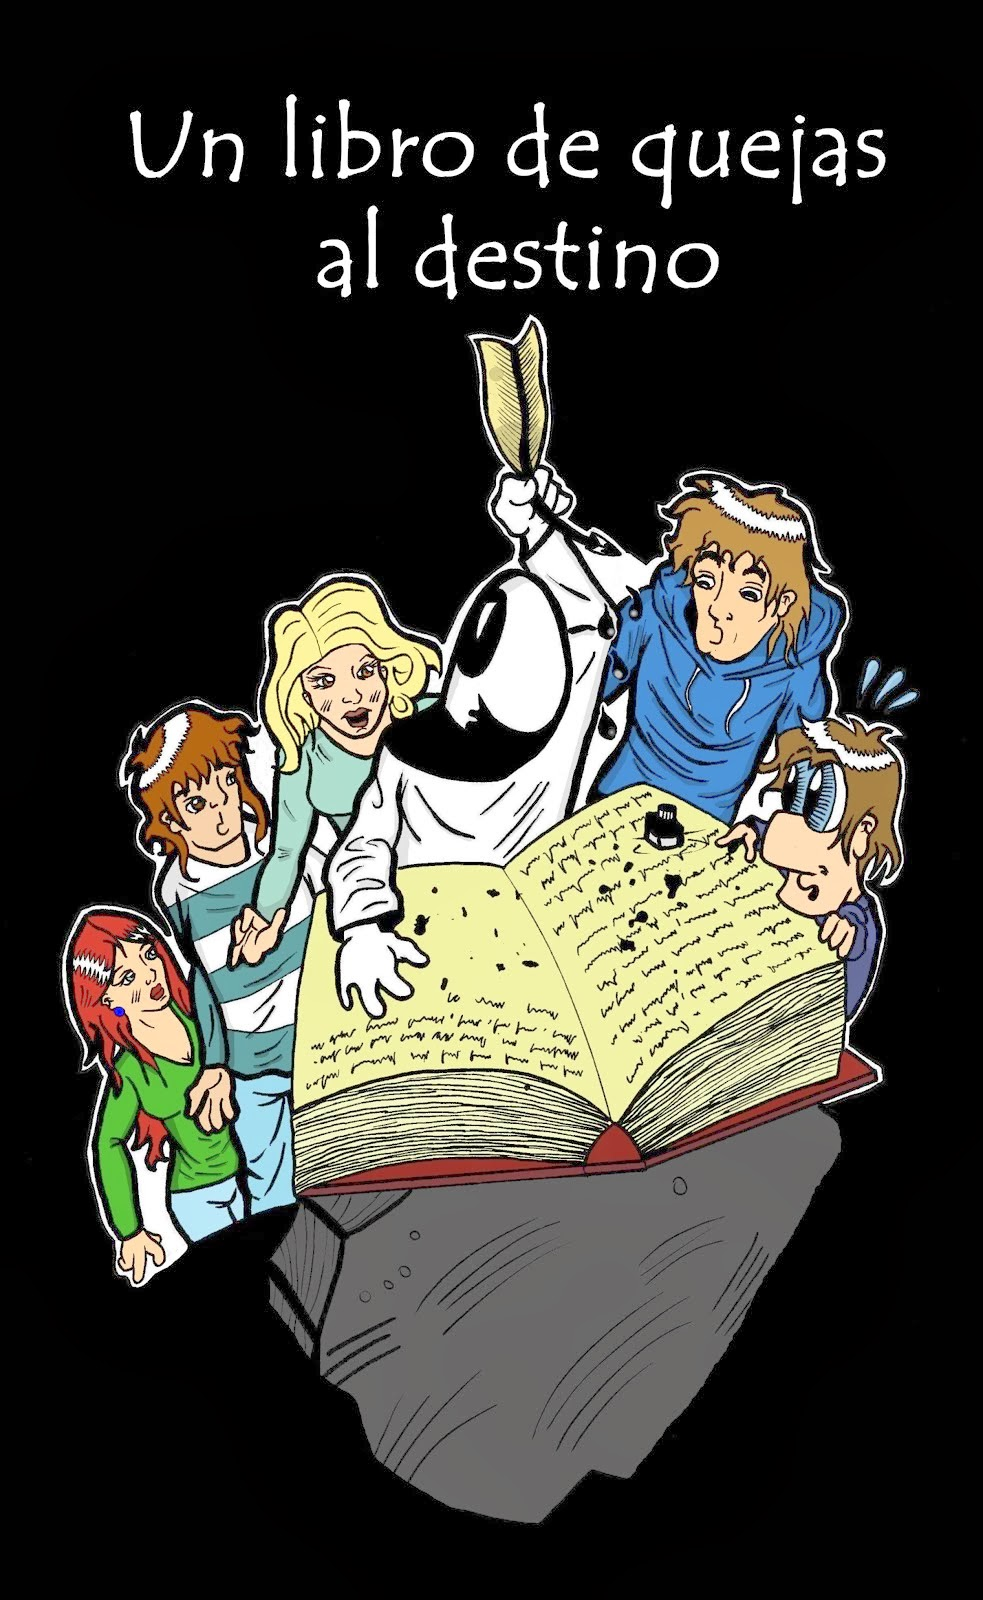 Un libro de quejas al destino